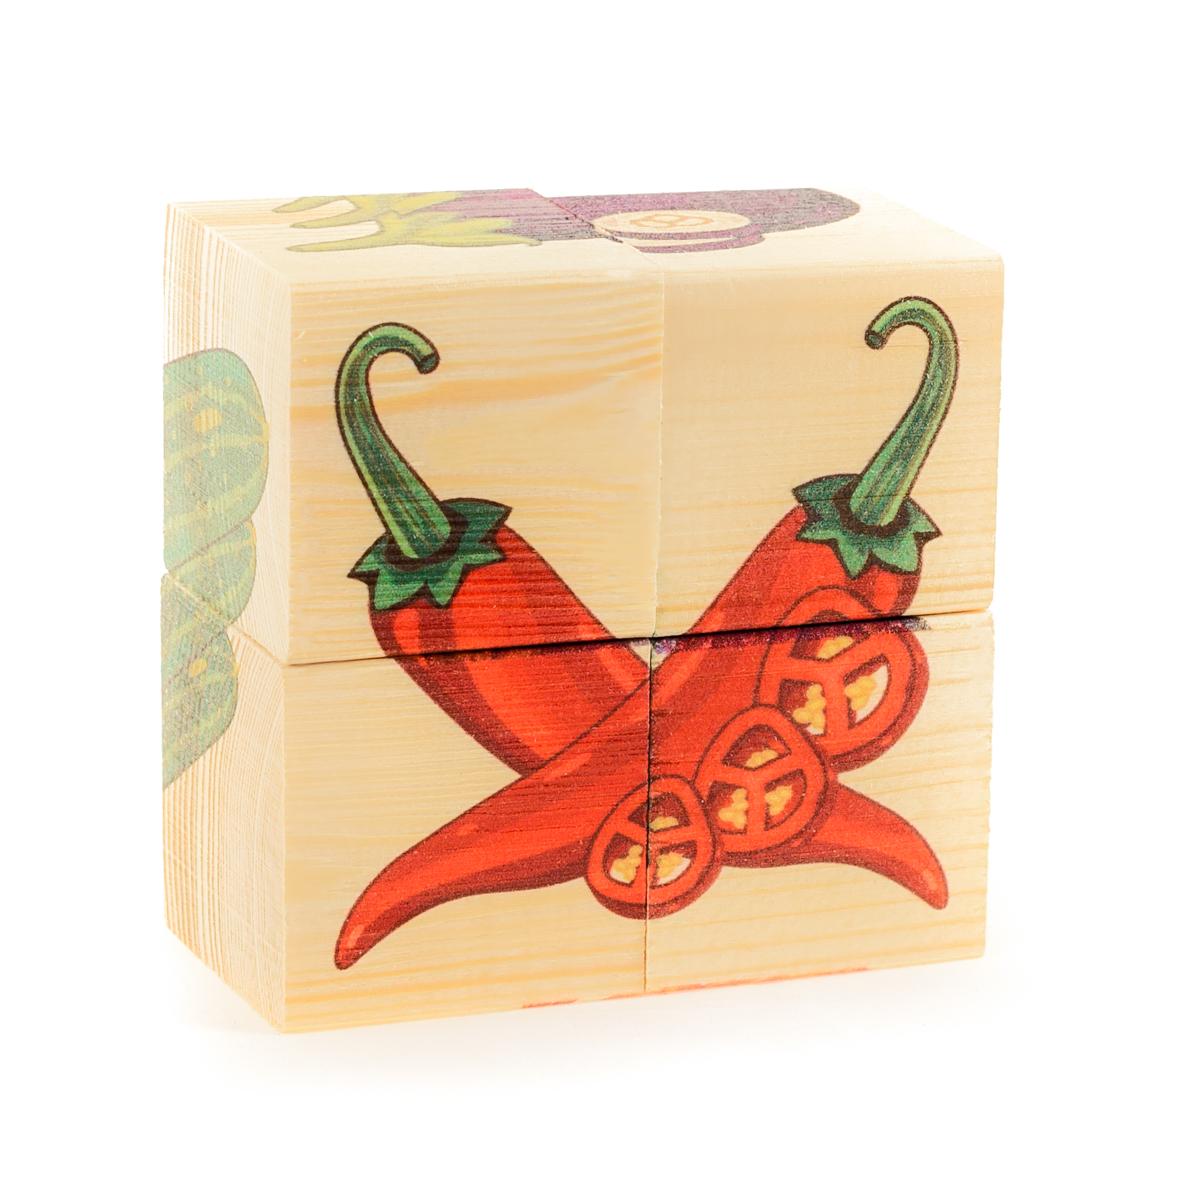 Фото - Развивающие деревянные игрушки Кубики Овощи развивающие деревянные игрушки кубики фрукты